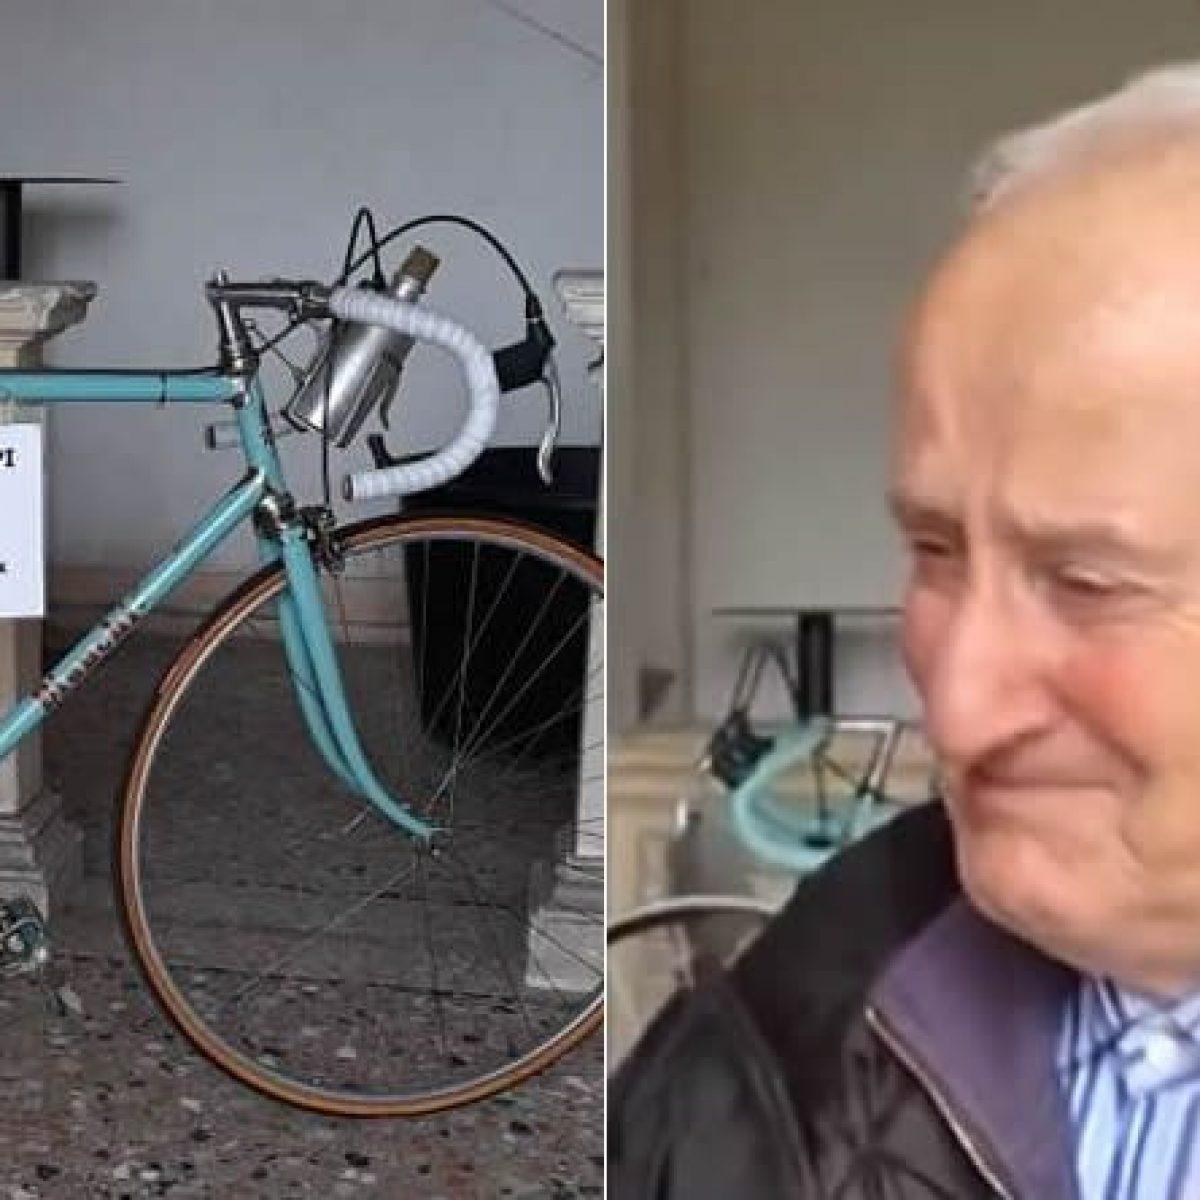 Sparita La Mitica Bici Di Fausto Coppi Proprietario In Lacrime Vi